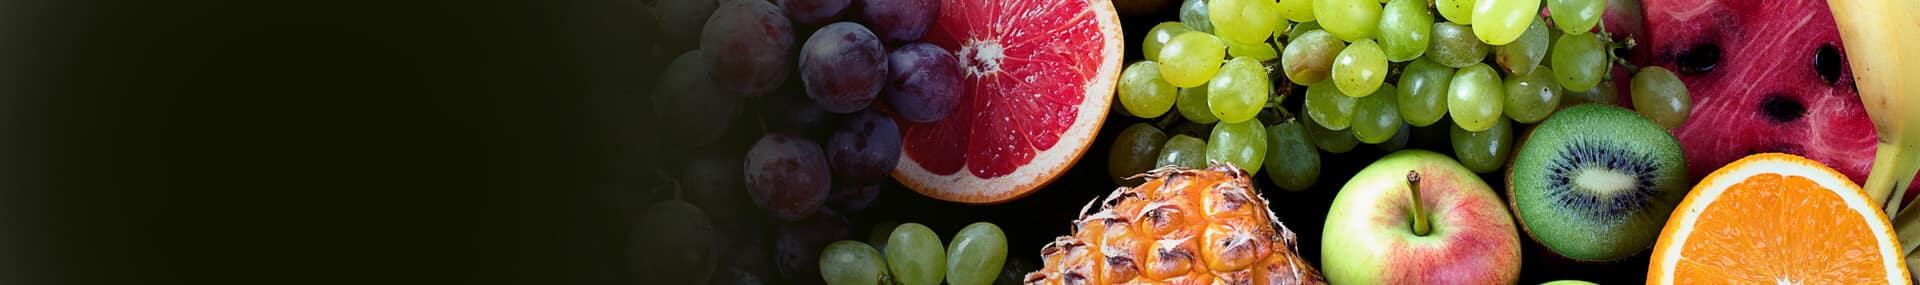 Dostawca warzyw i owoców